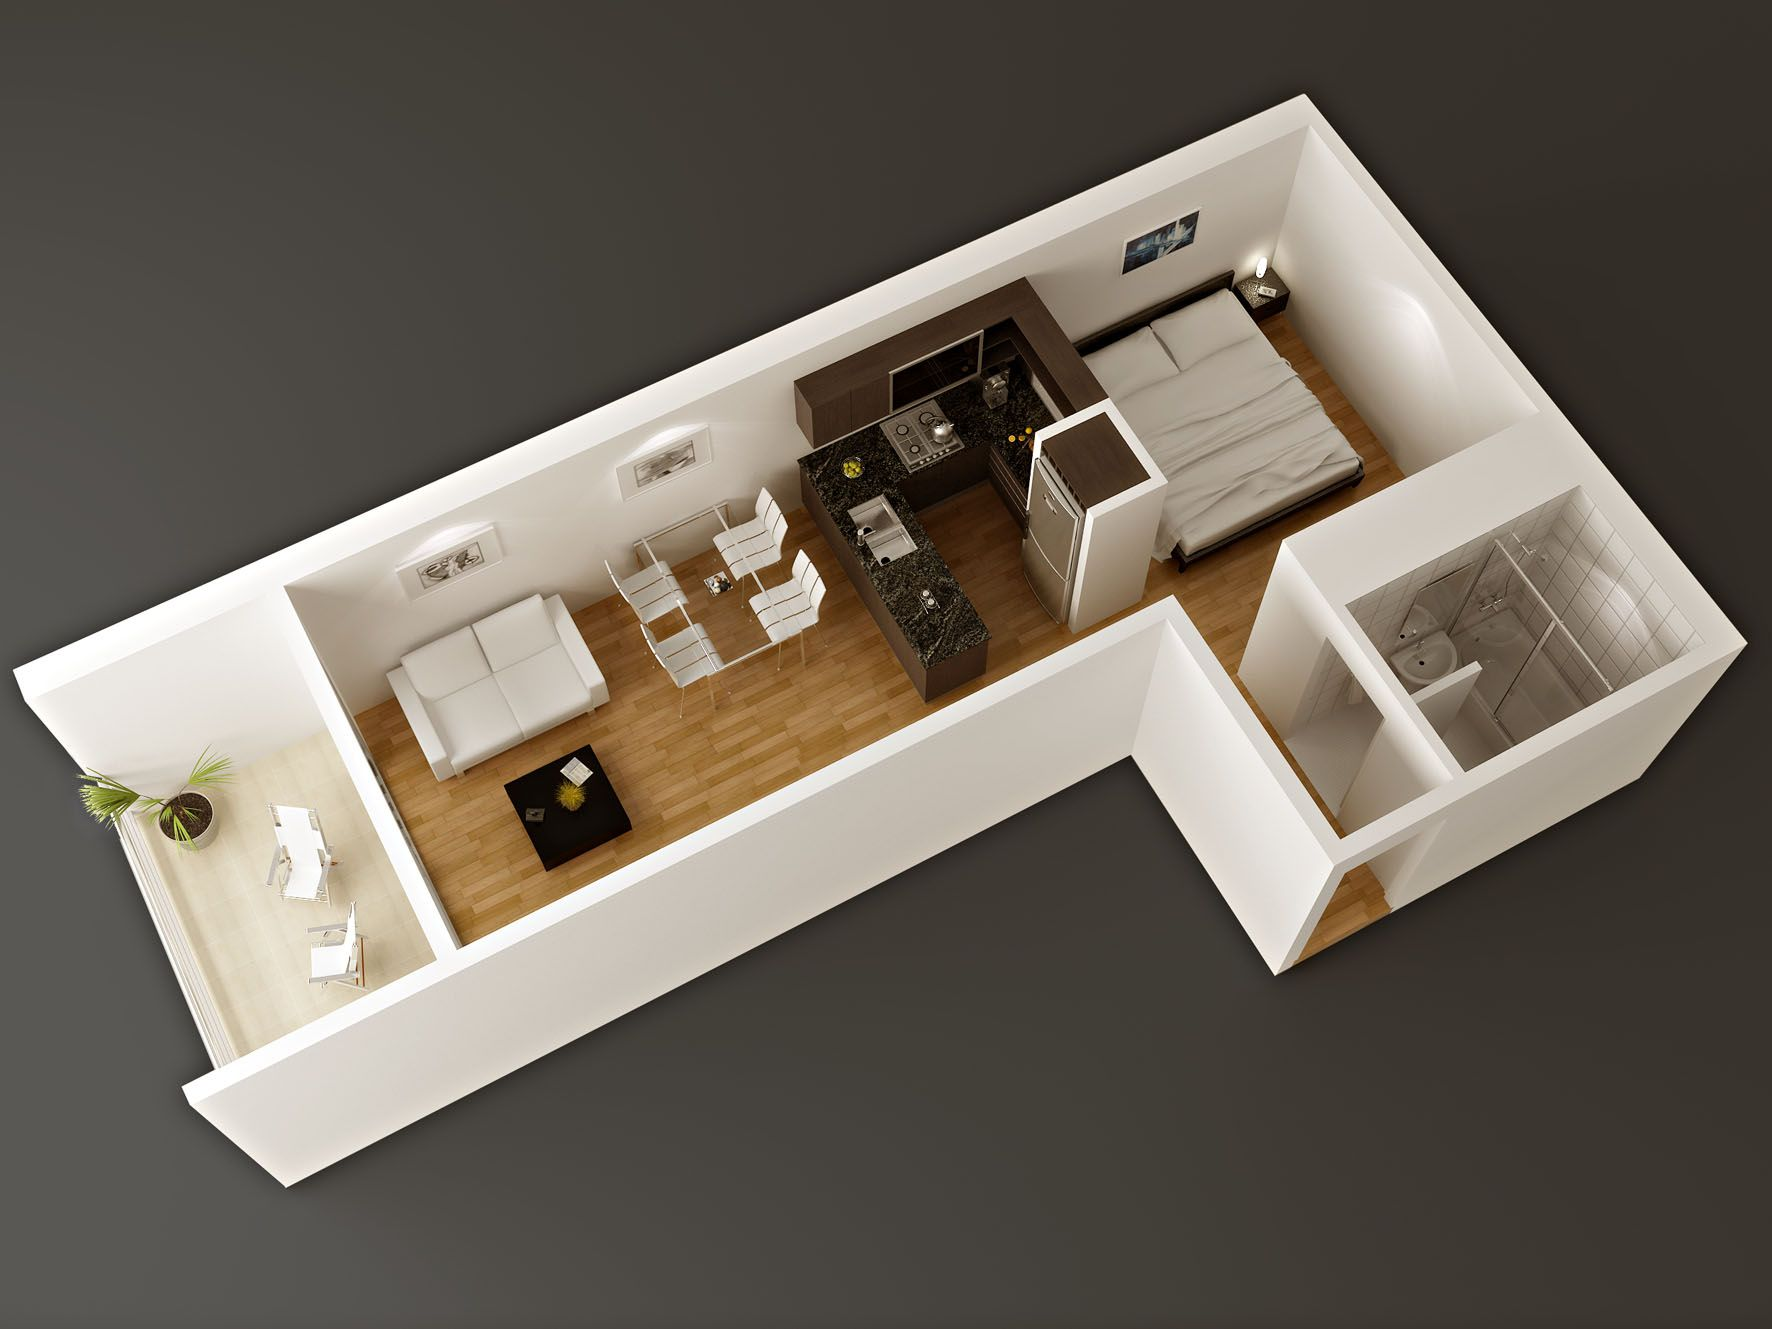 Dise o para espacios reducidos nuevo pinterest for Diseno de espacios pequenos